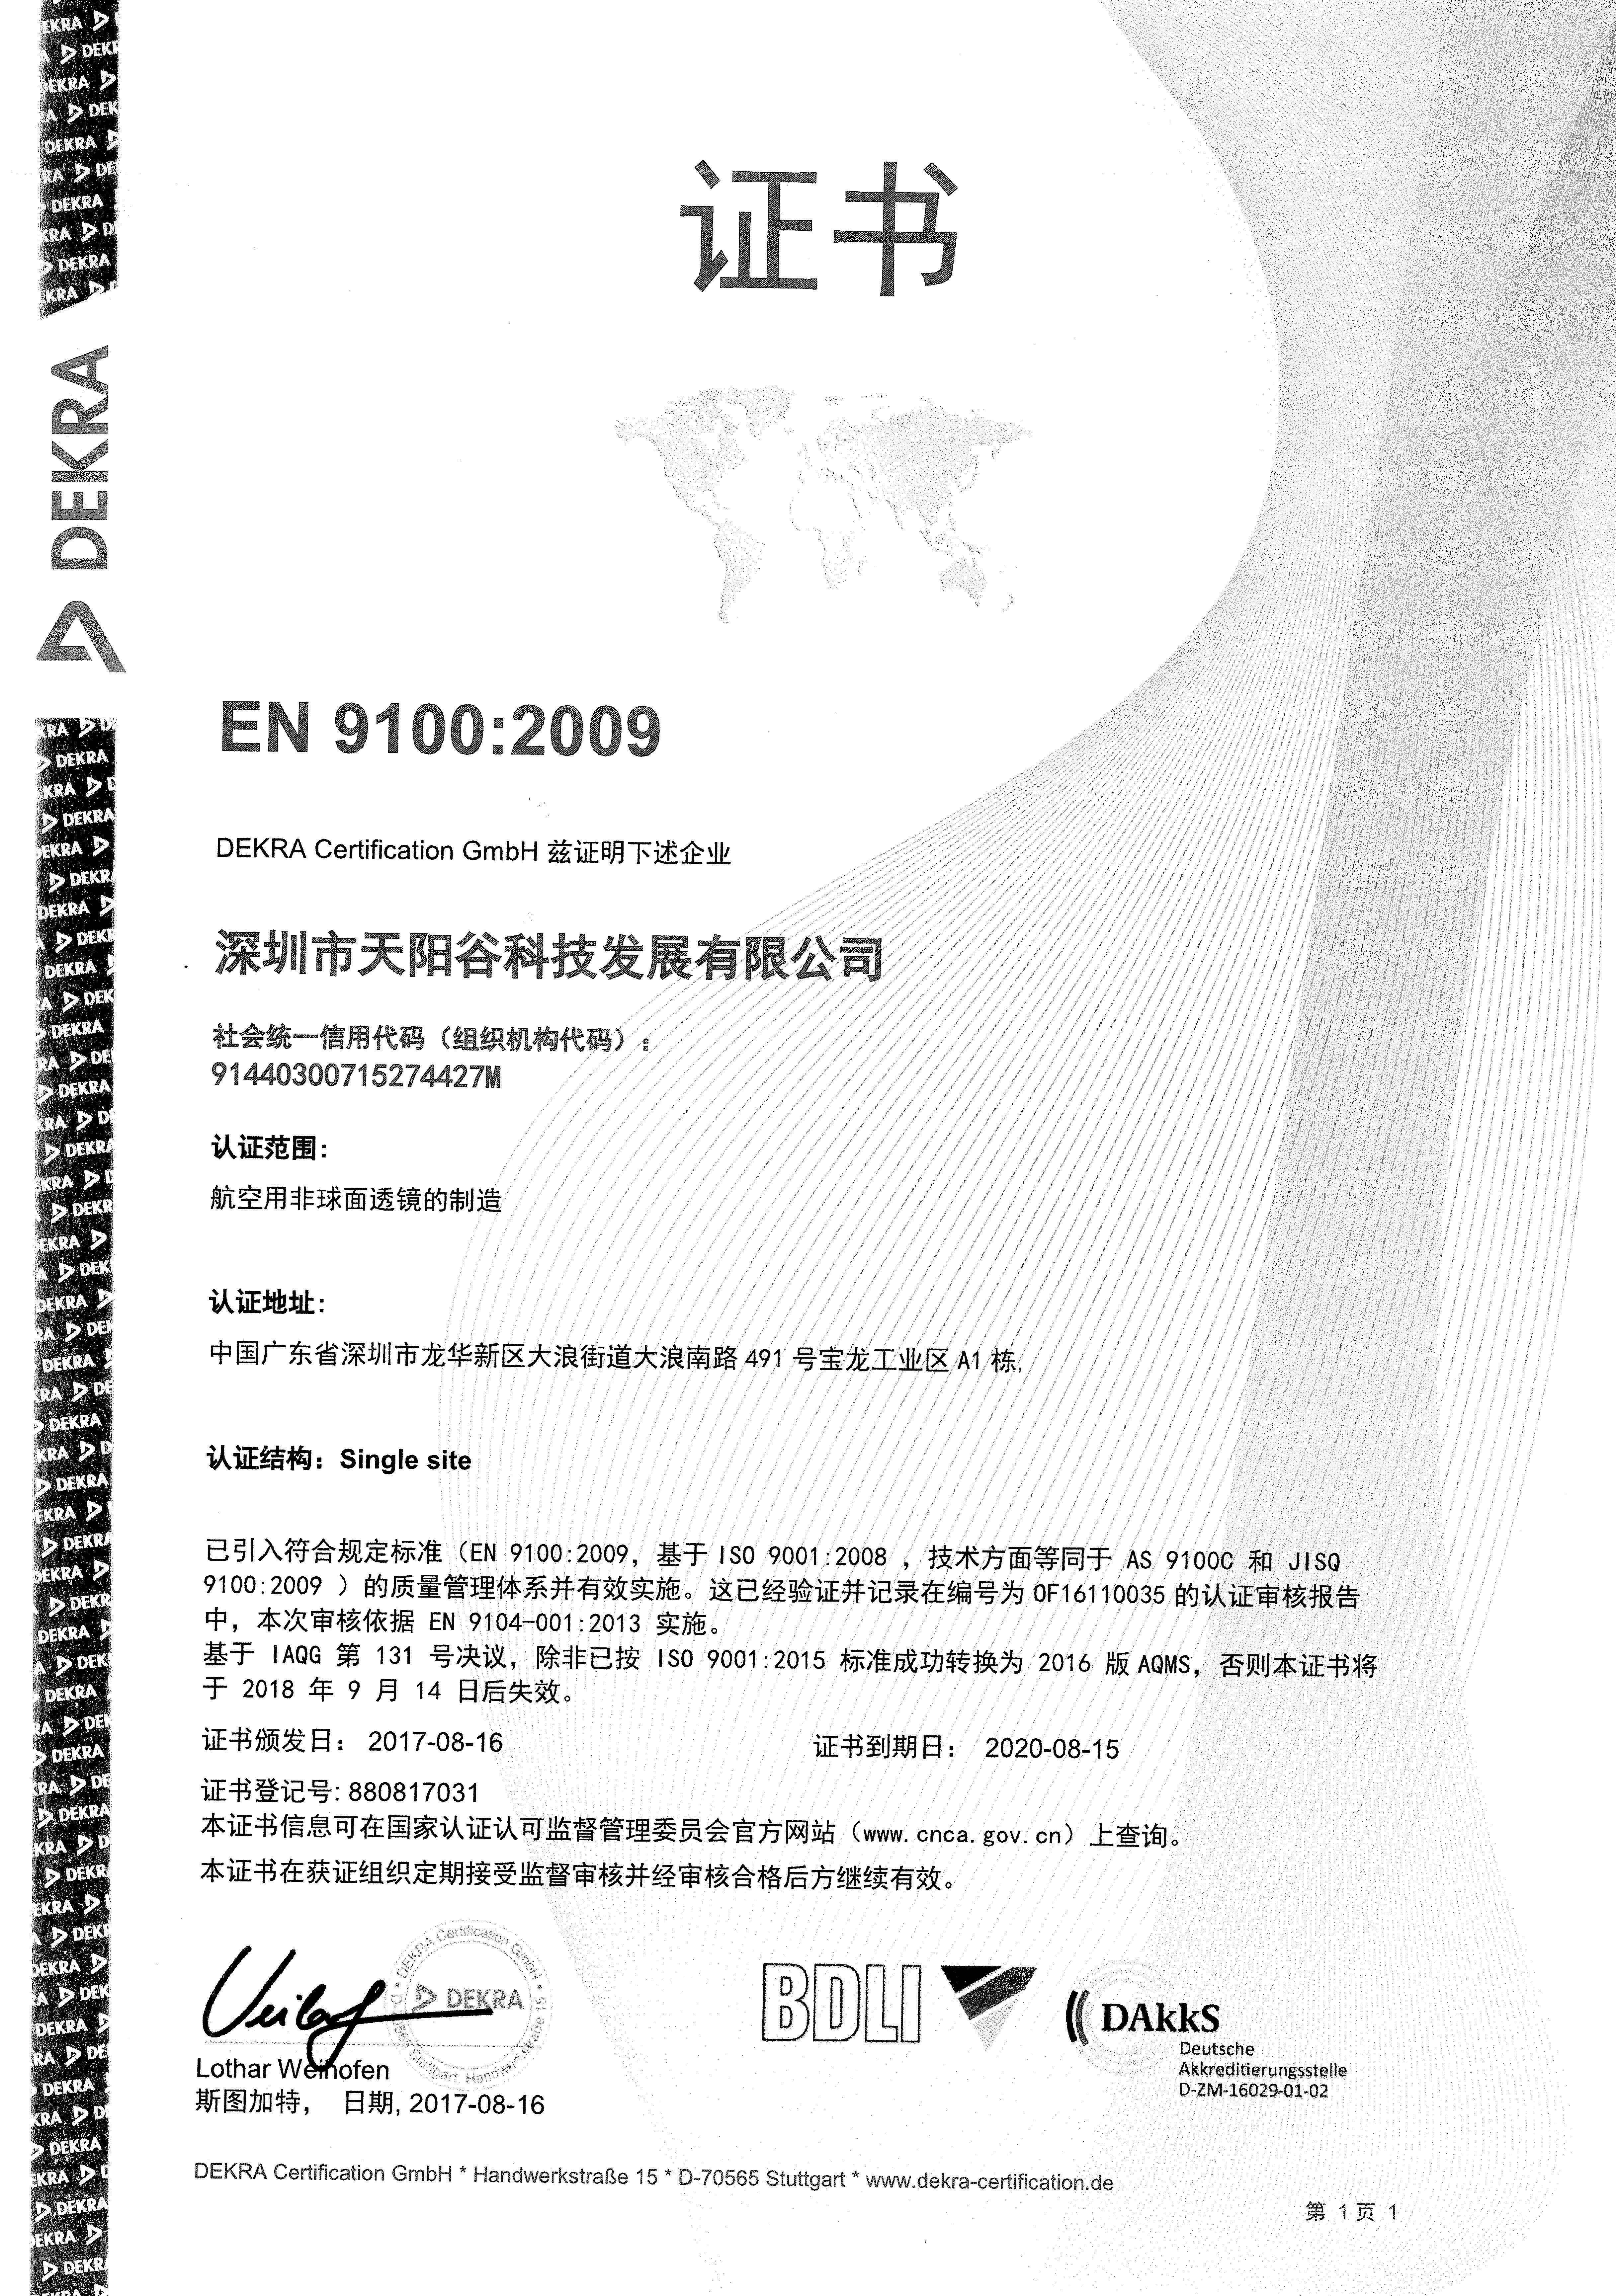 天阳谷EN9100质量管理体系认证